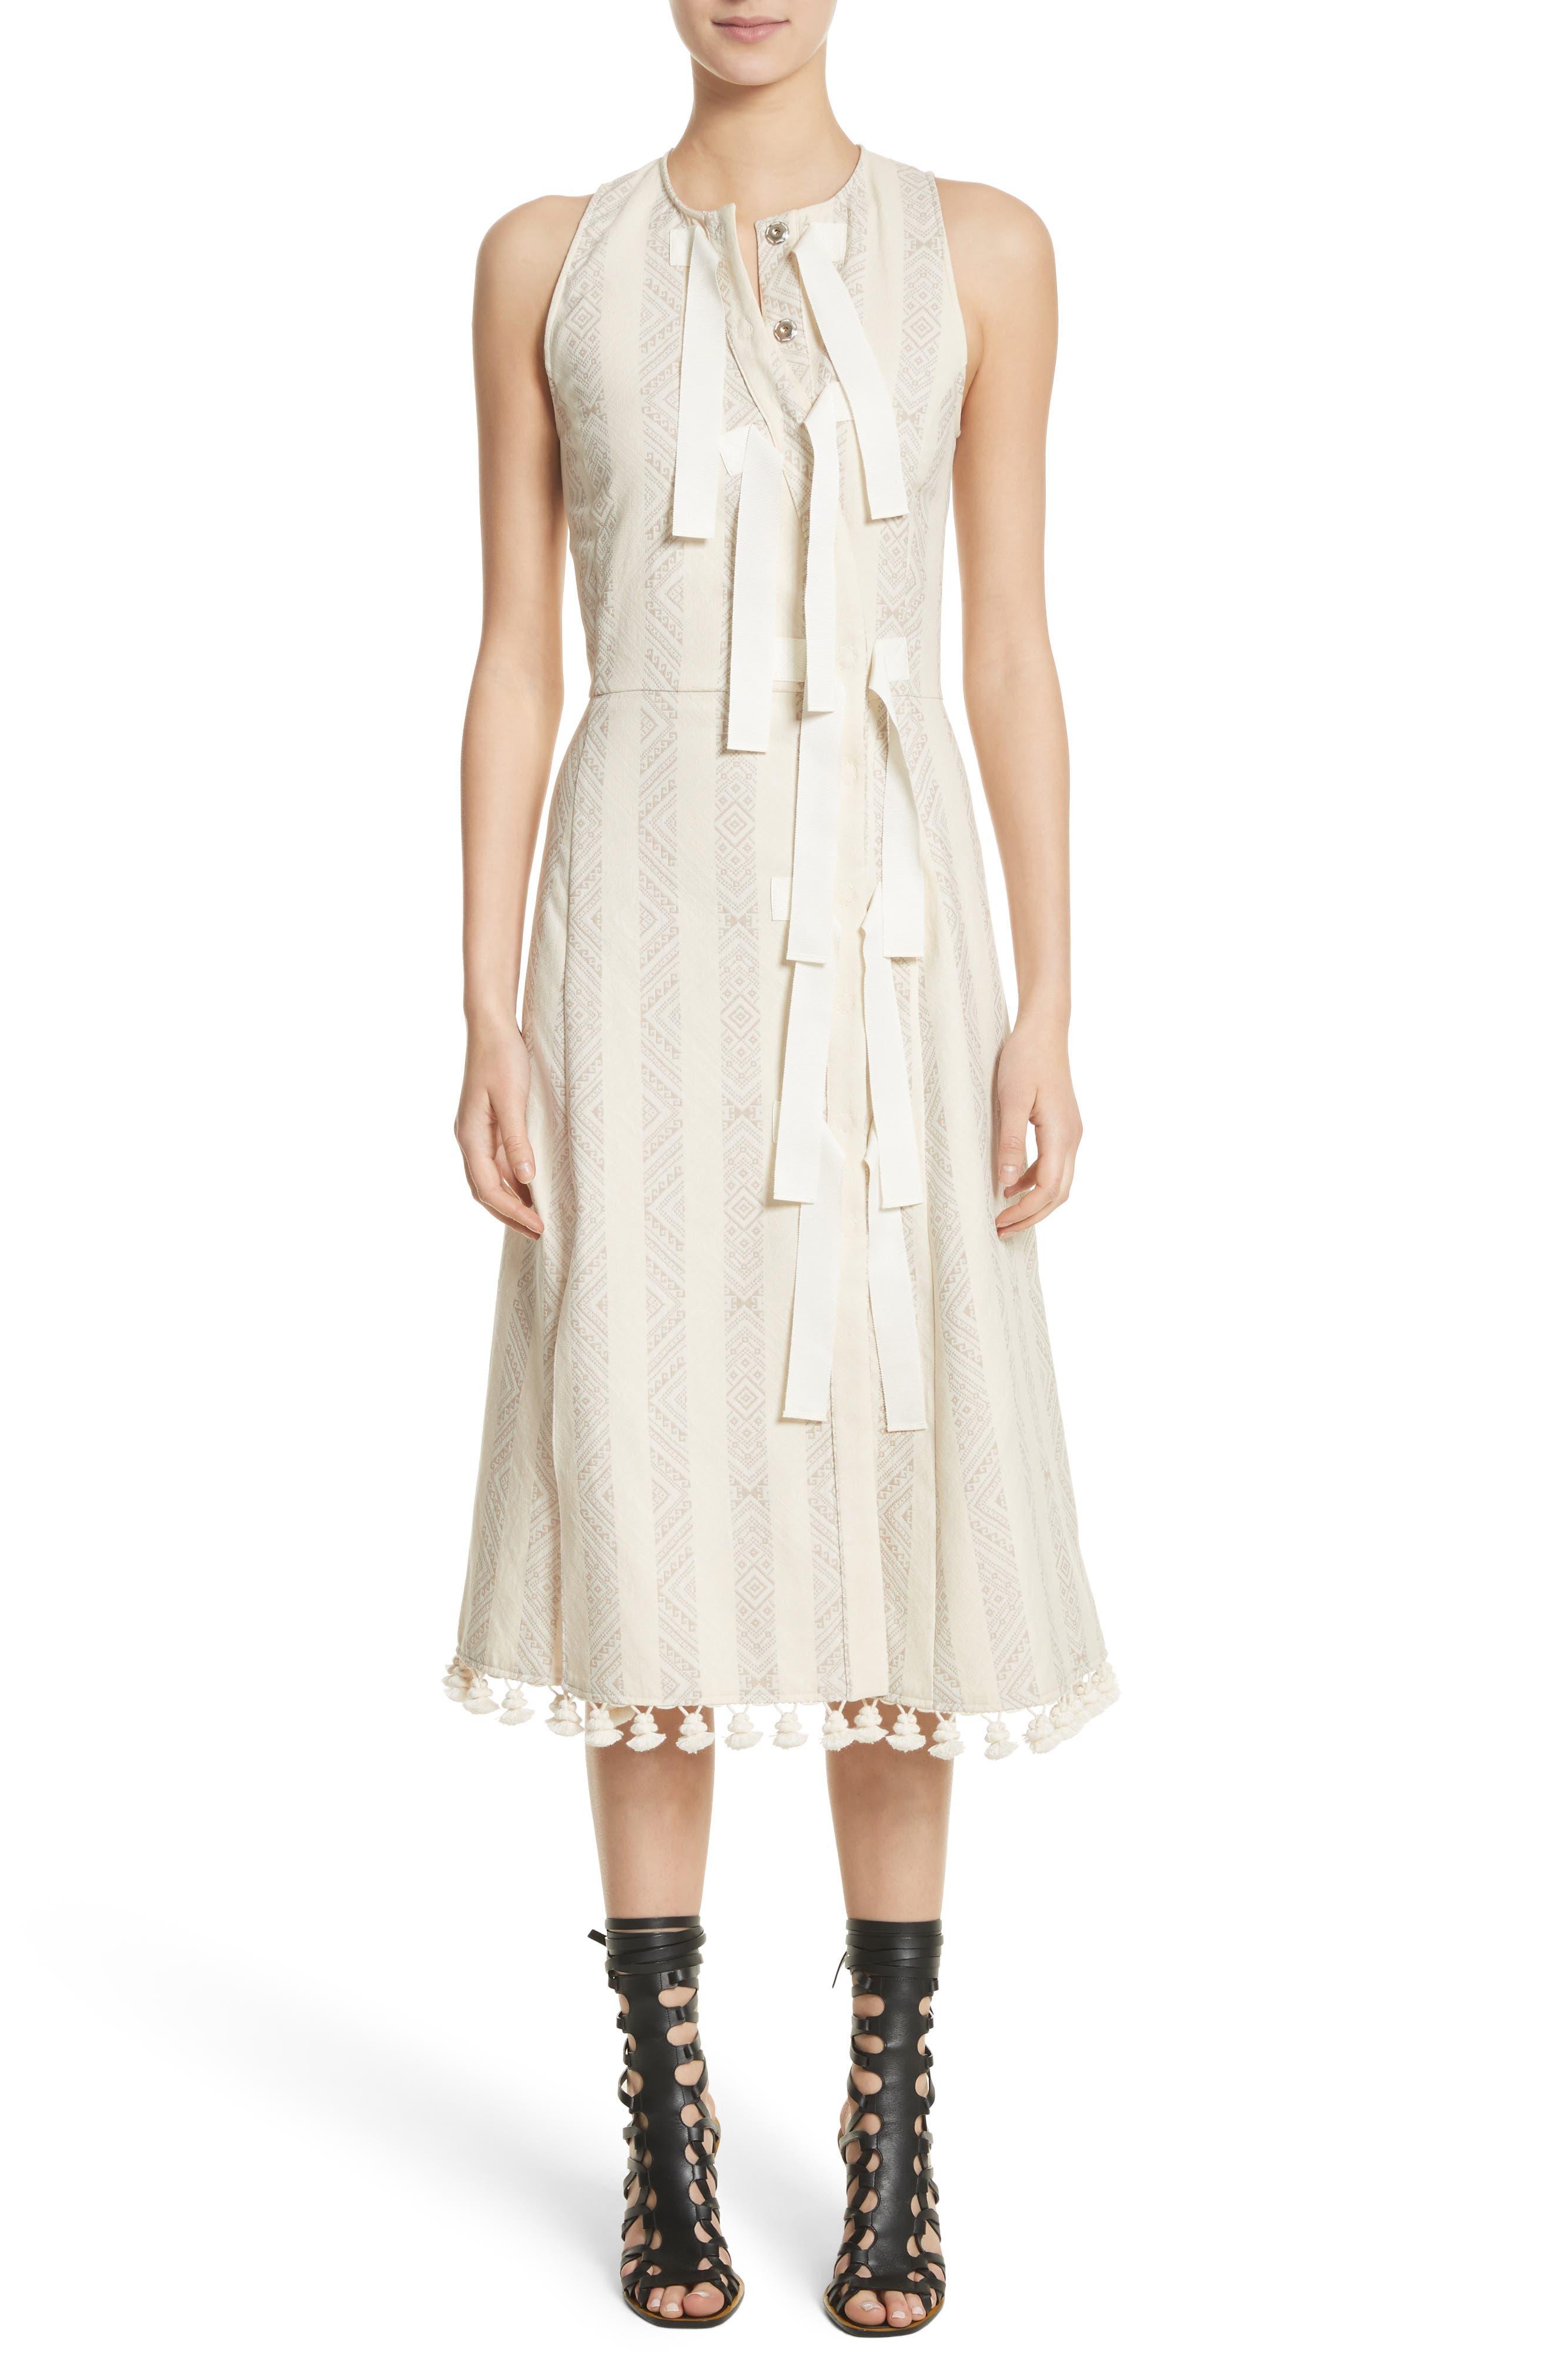 Grosgrain Tie Stripe Dress,                             Main thumbnail 1, color,                             106